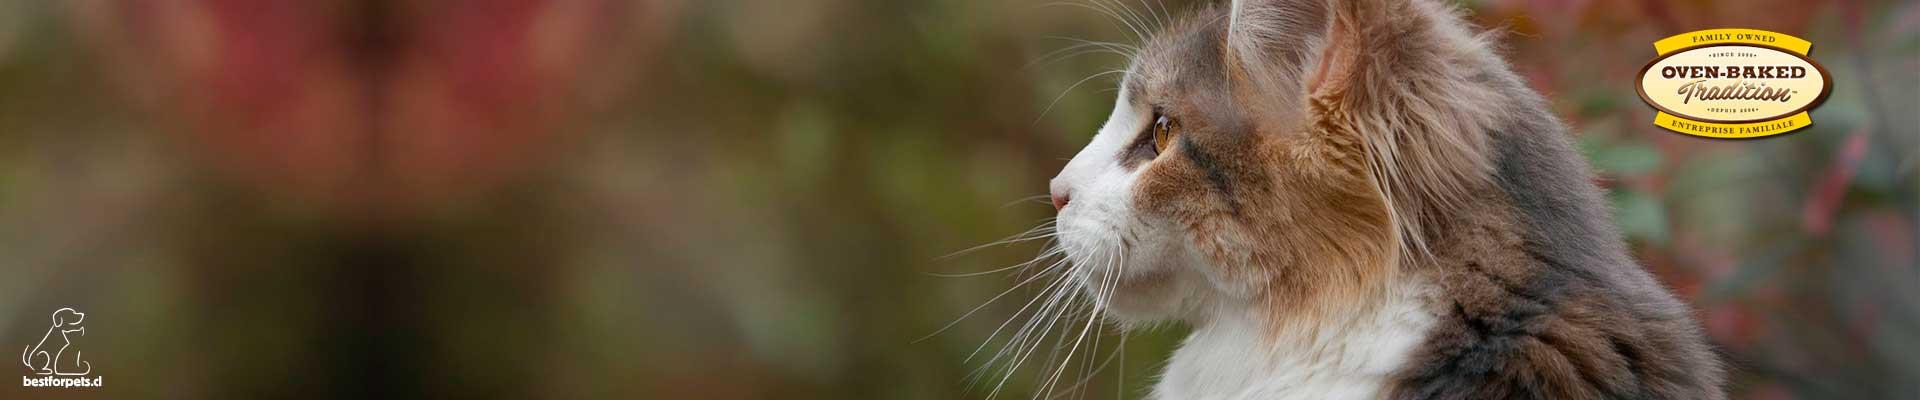 Alimento OVEN-BAKED para gatos